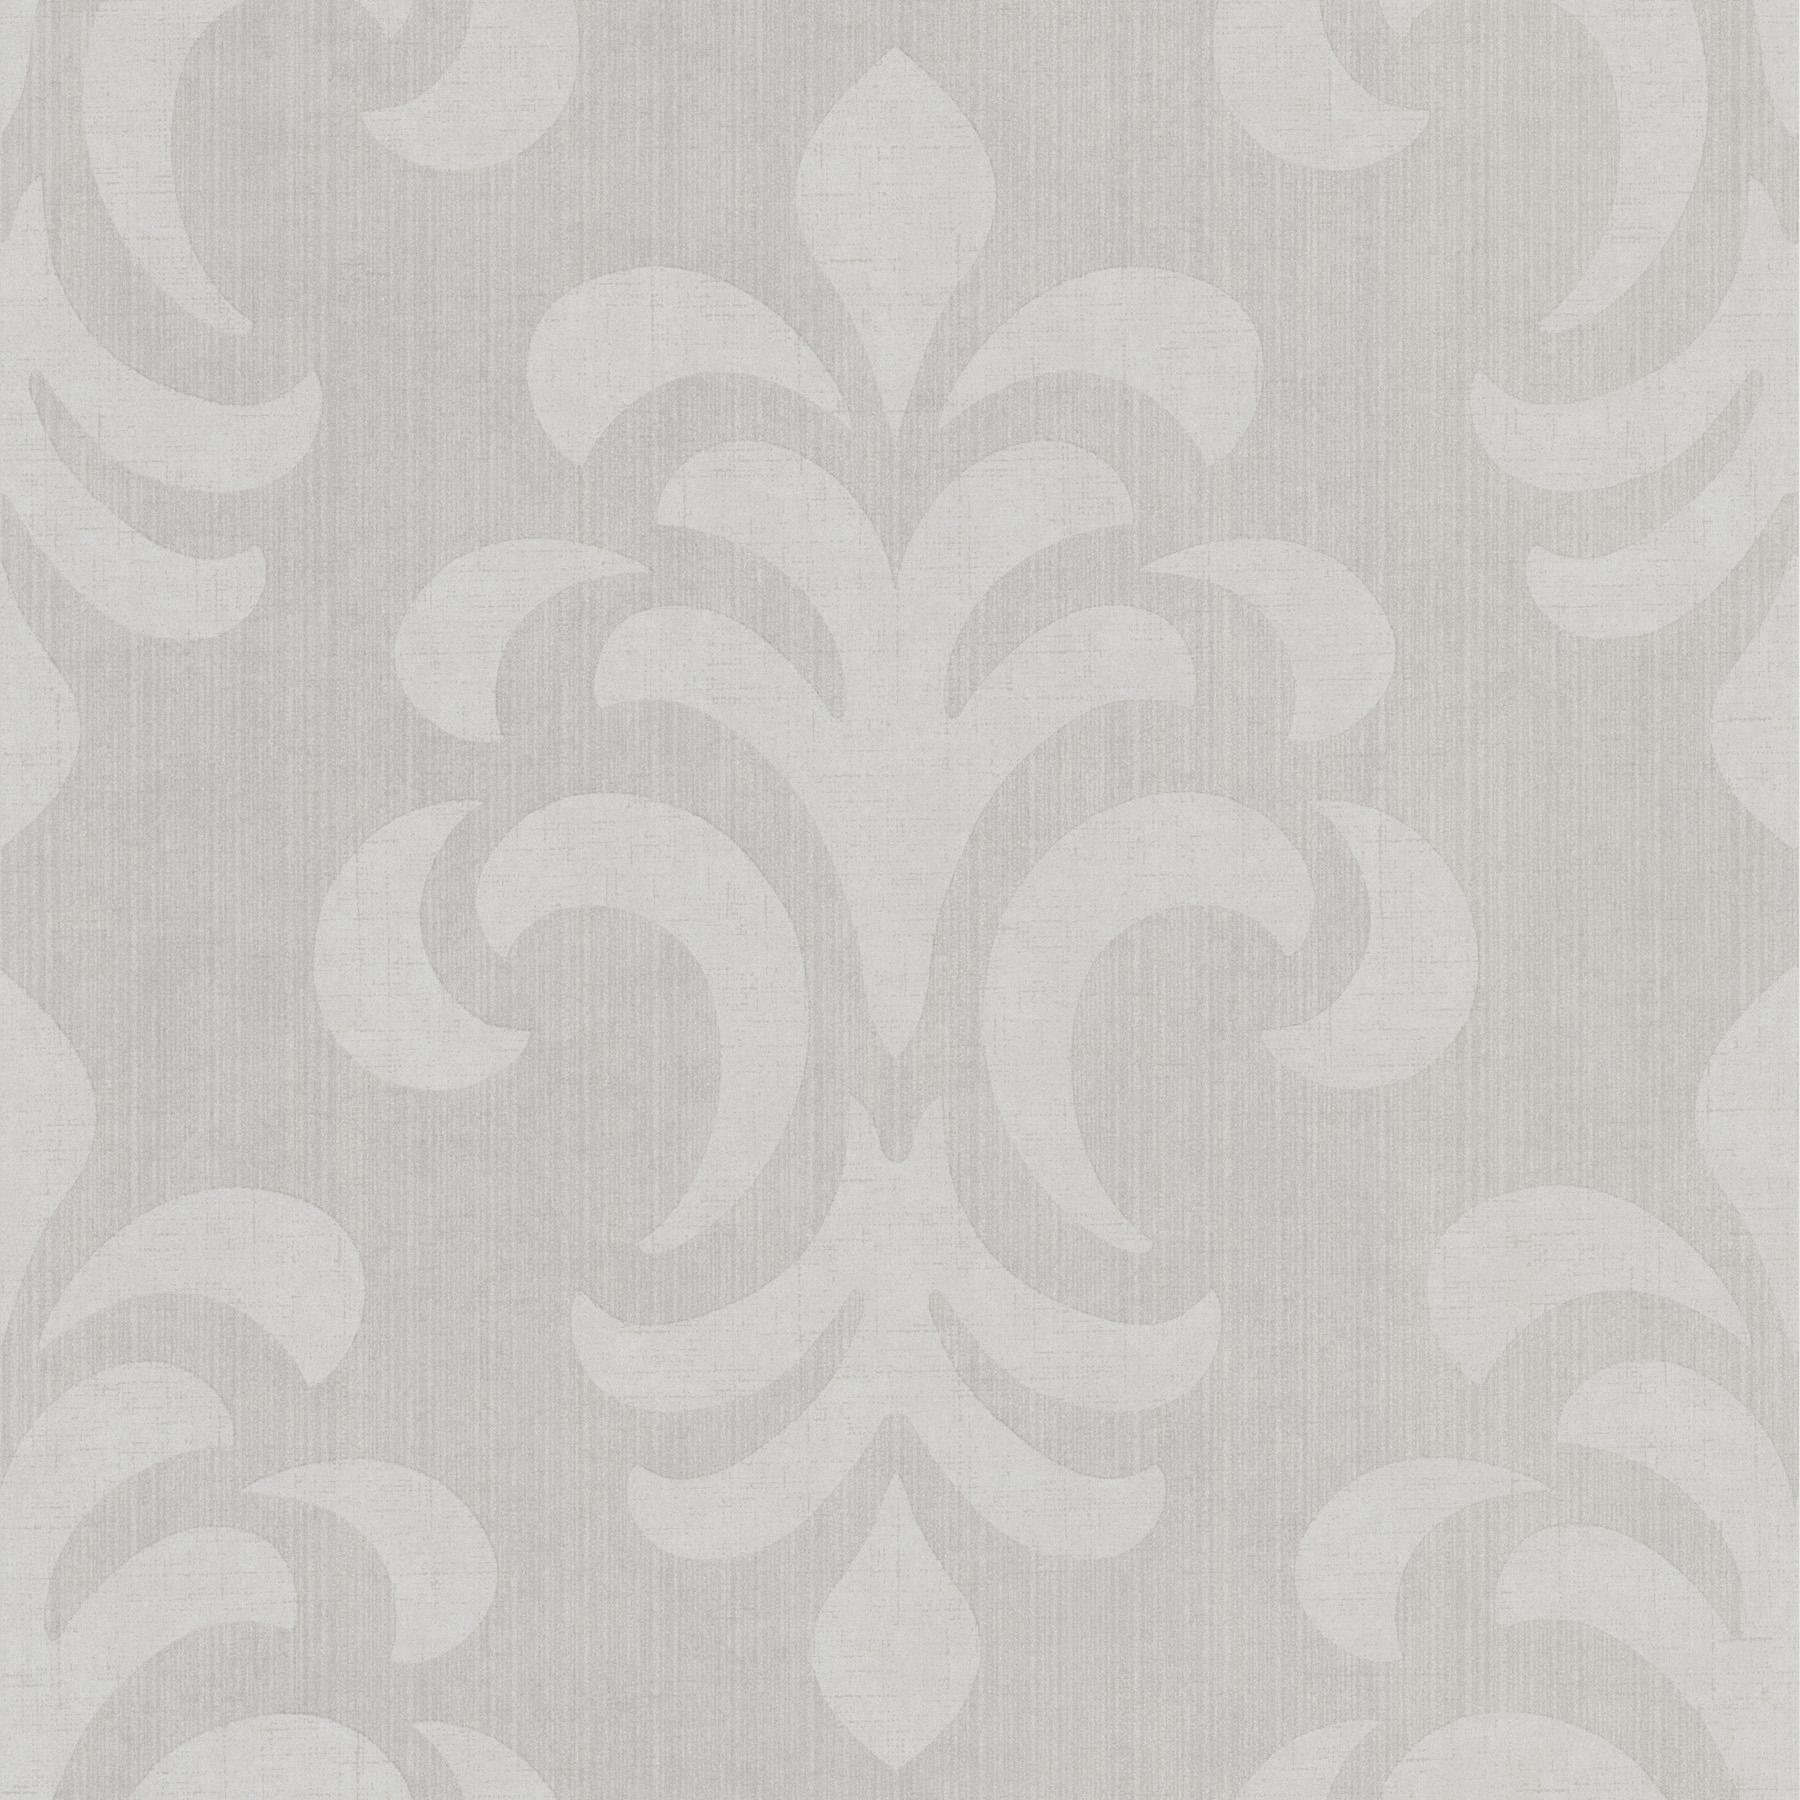 Picture of Atlantic Damask Grey Modern Damask Wallpaper